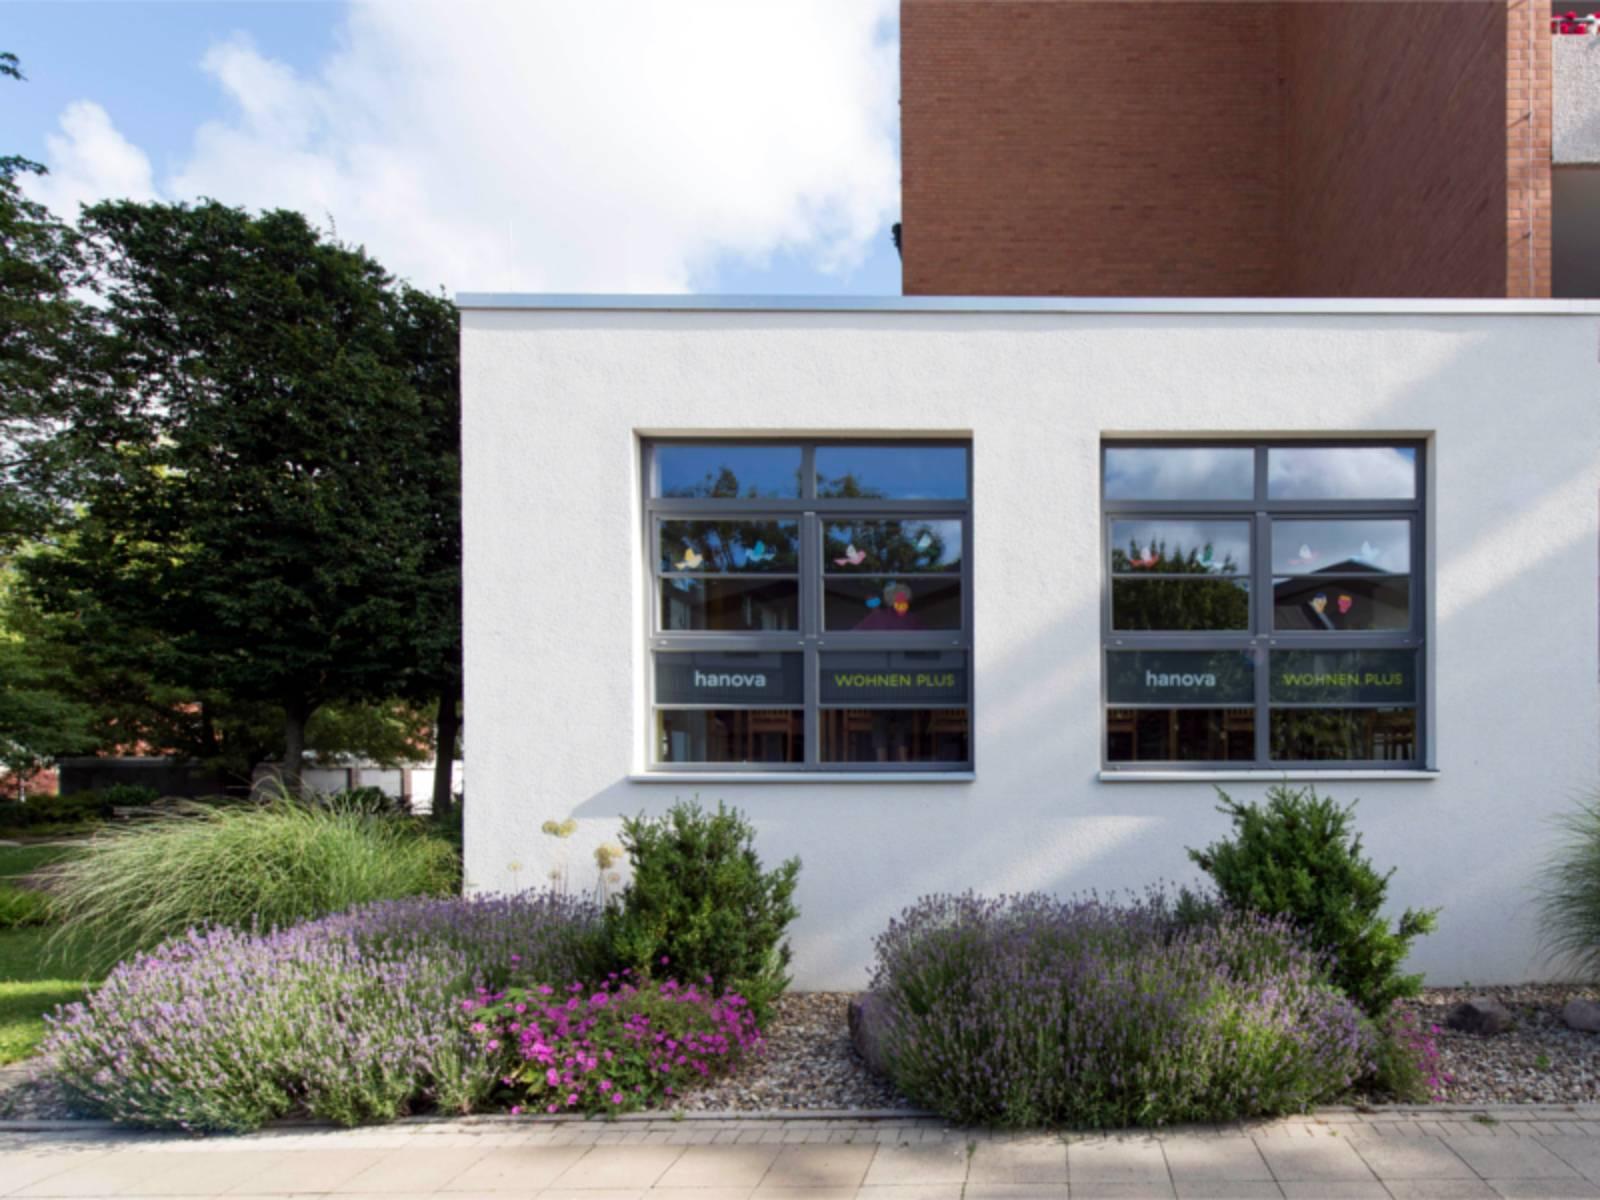 Auf dem Bild ist ein weißes Haus mit zwei großen Fenstern zu sehen.